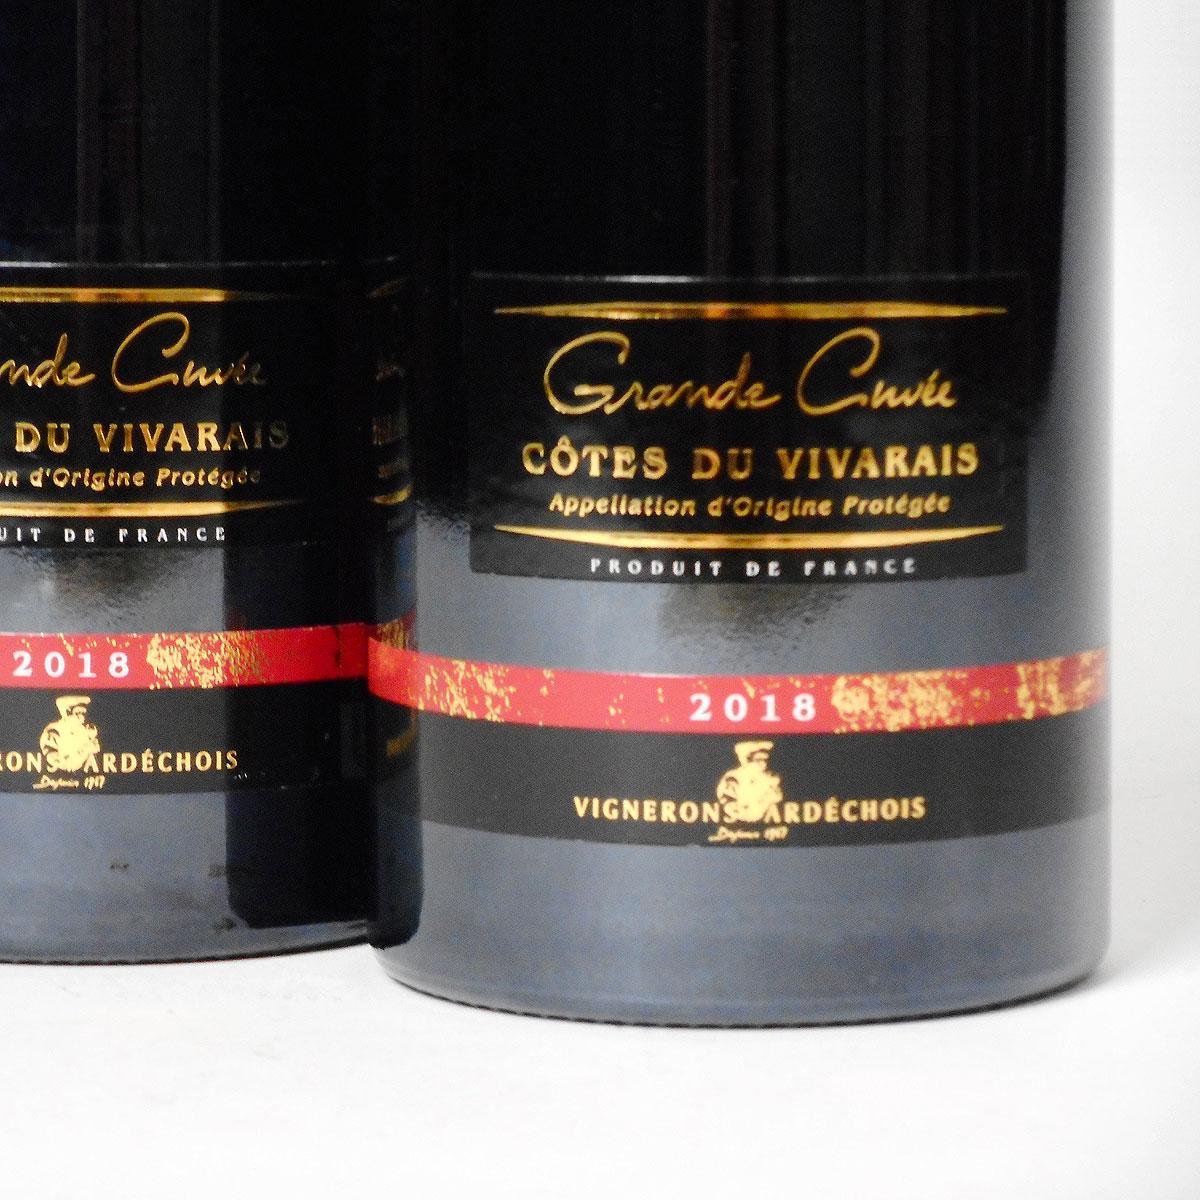 Côtes du Vivarais: Vignerons Ardéchois 2018